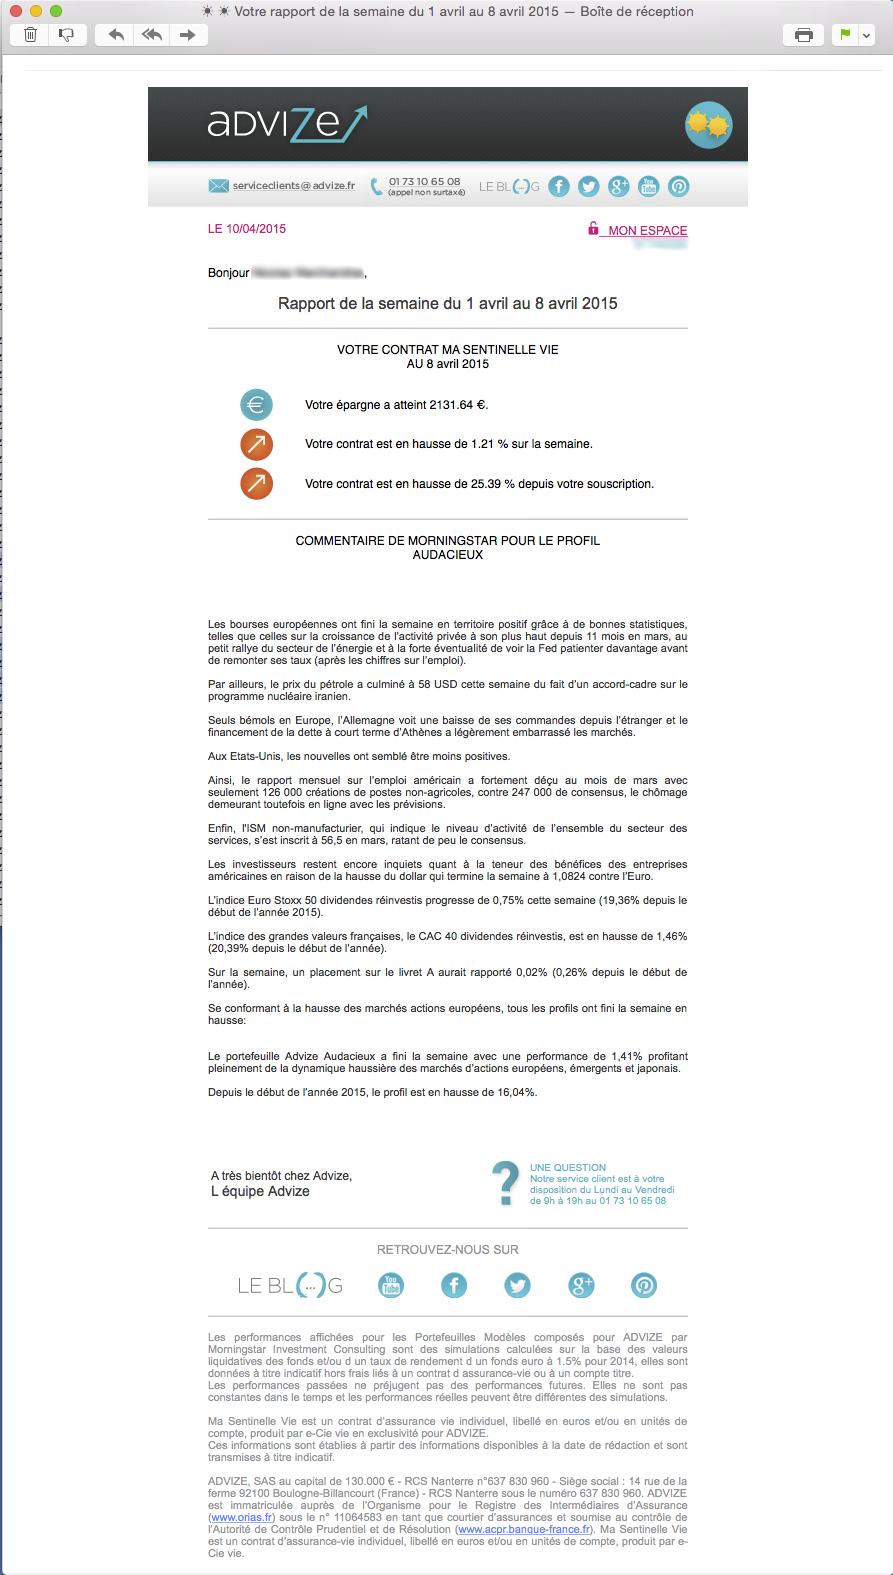 courier e-mail de l'épargne Advize qui présente La Météo de l'épargne pour l'épargnant du contrat d'assurance-vie en ligne ma sentinelle vie 2015